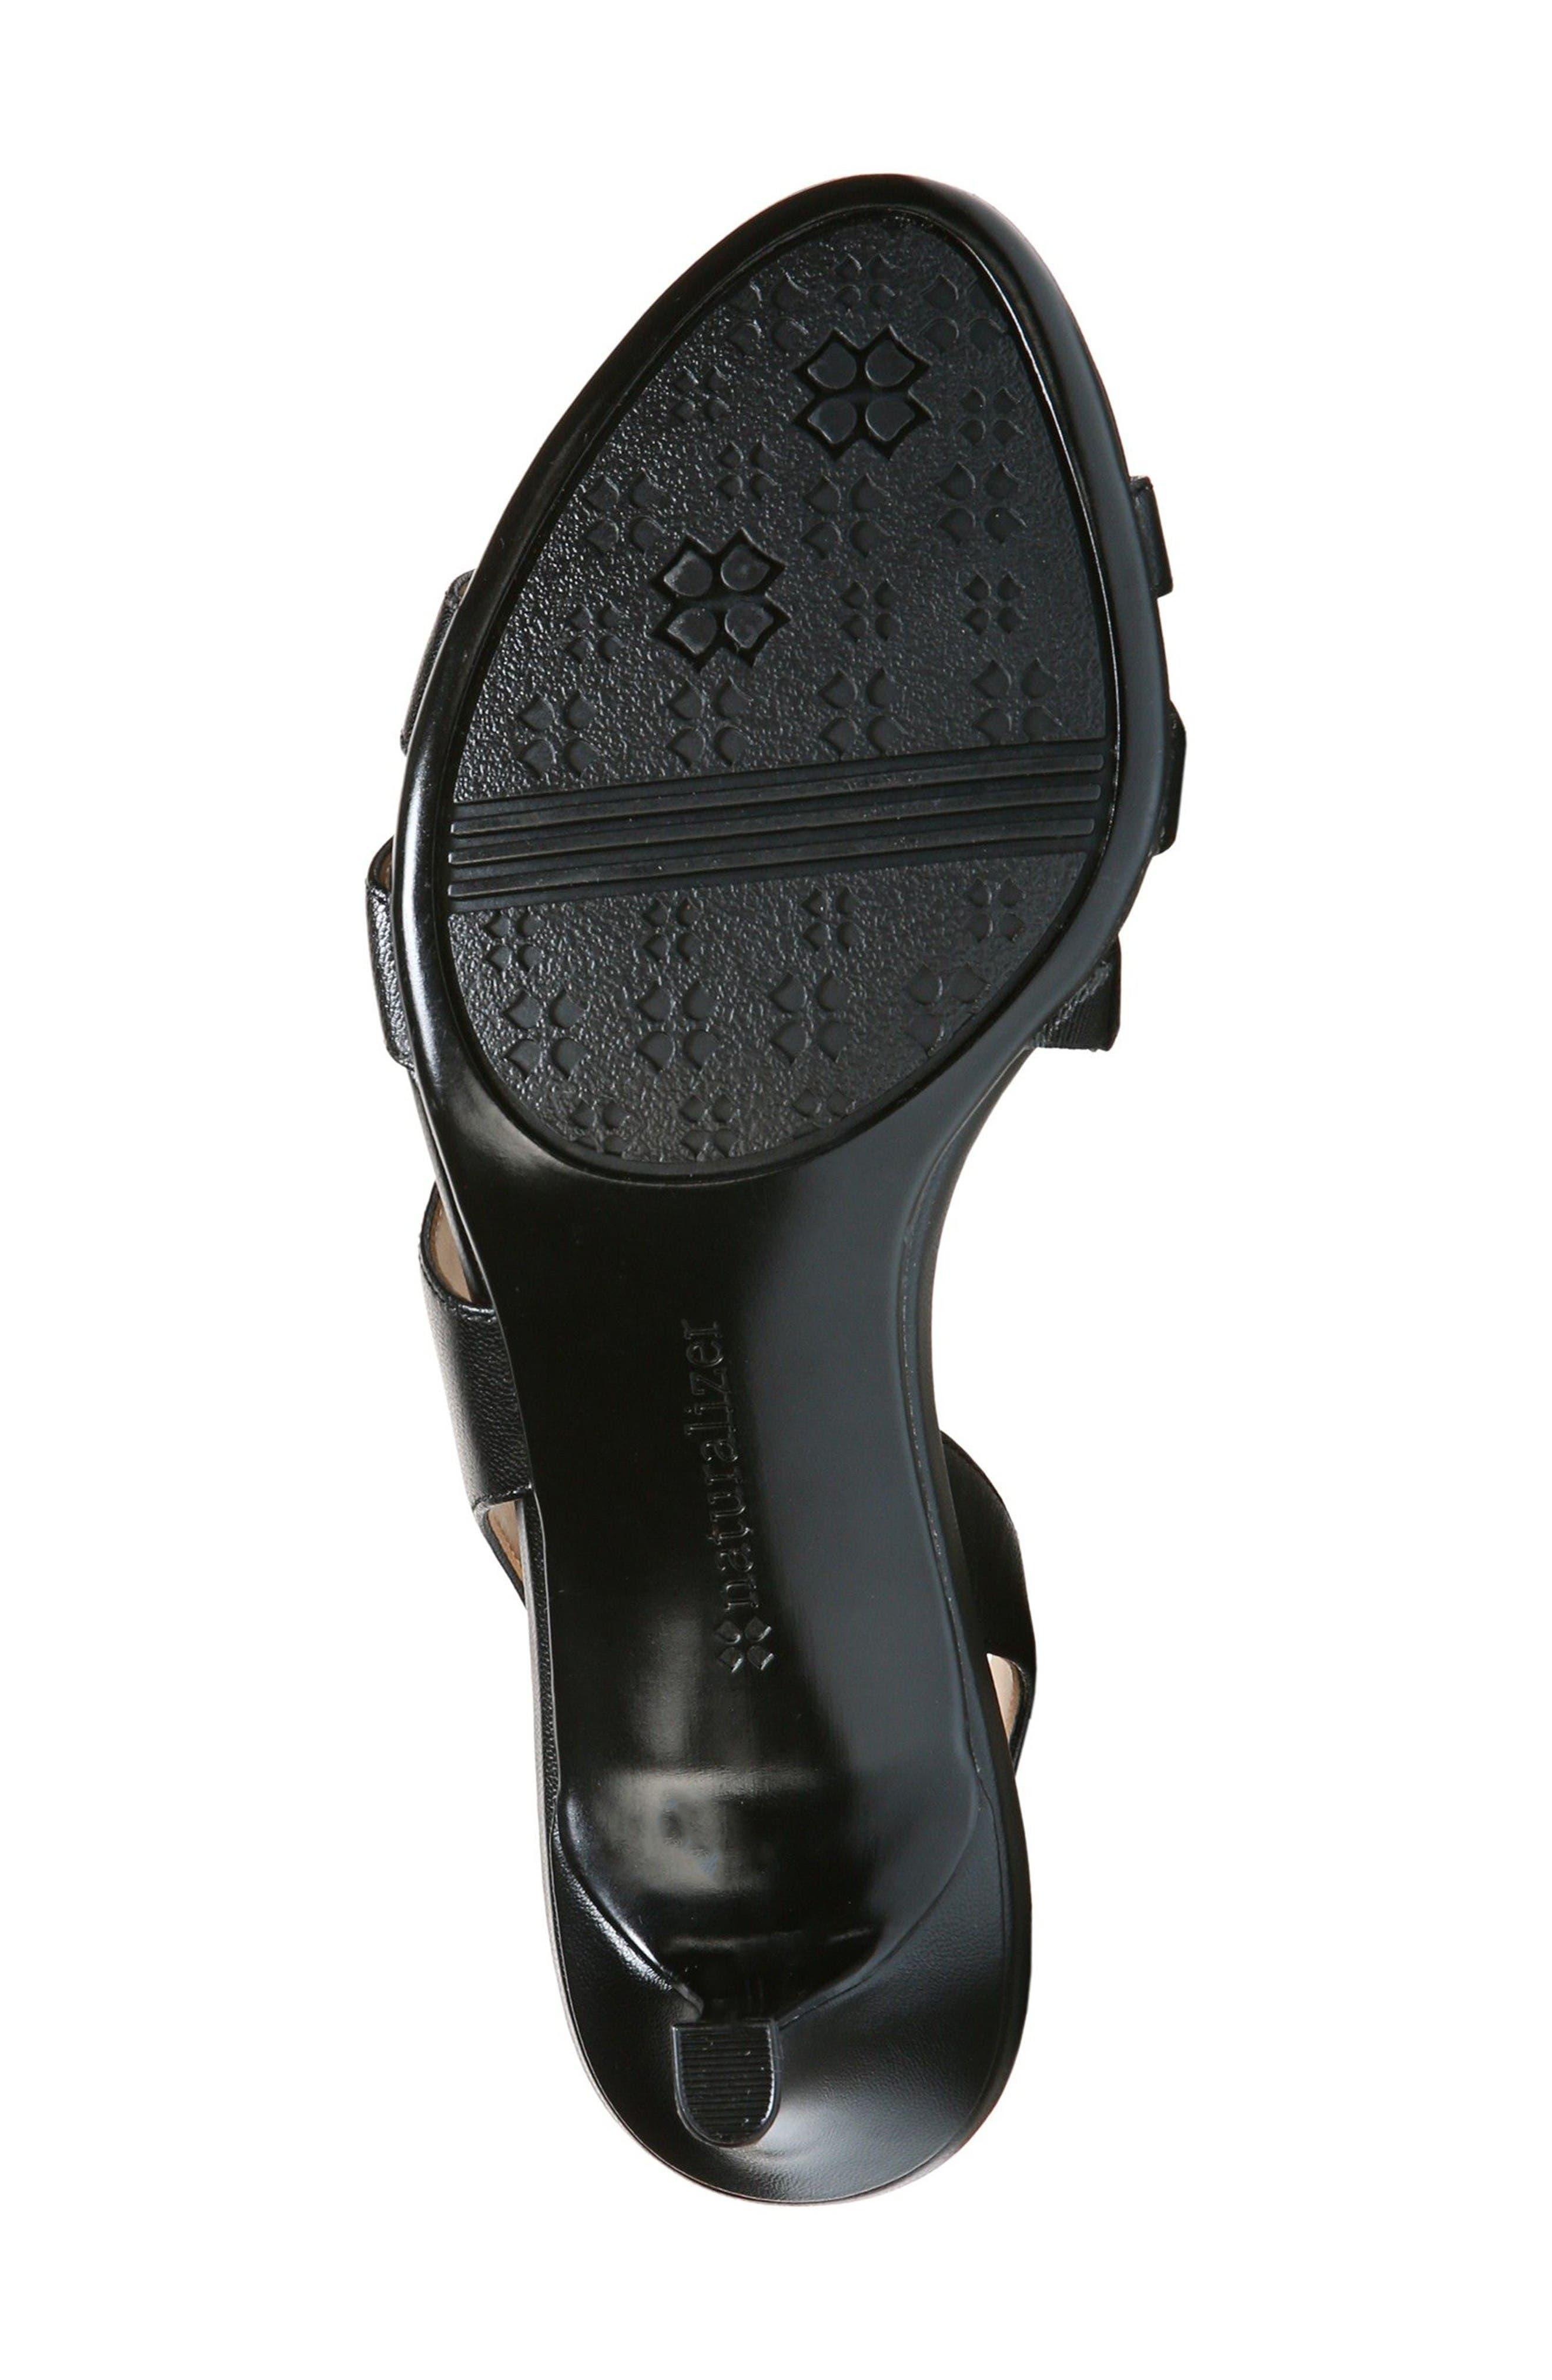 Taimi Sandal,                             Alternate thumbnail 3, color,                             Black Leather